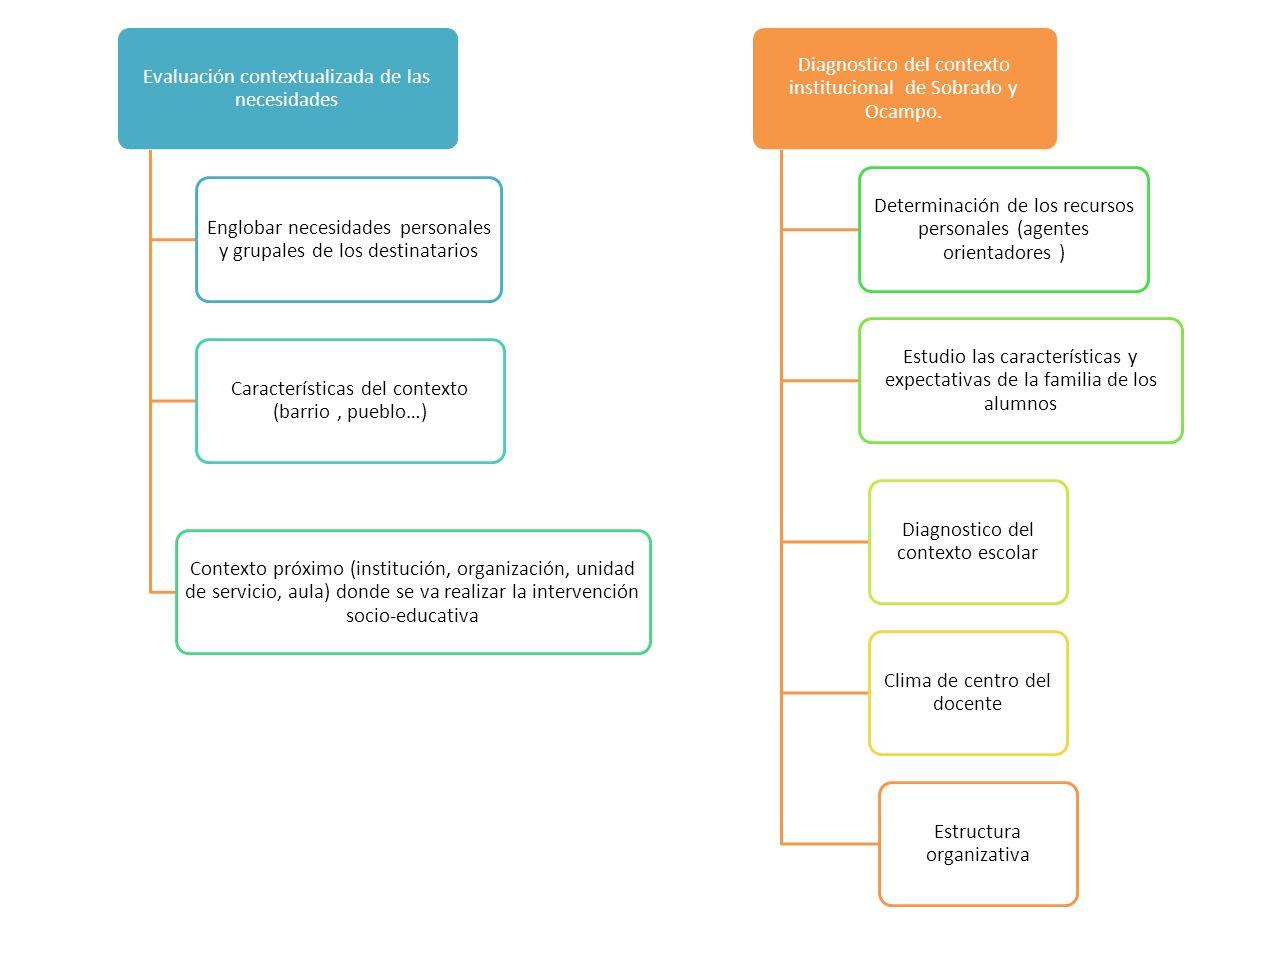 Evaluación contextualizada de las necesidades Englobar necesidades personales y grupales de los destinatarios Características del contexto (barrio, pu